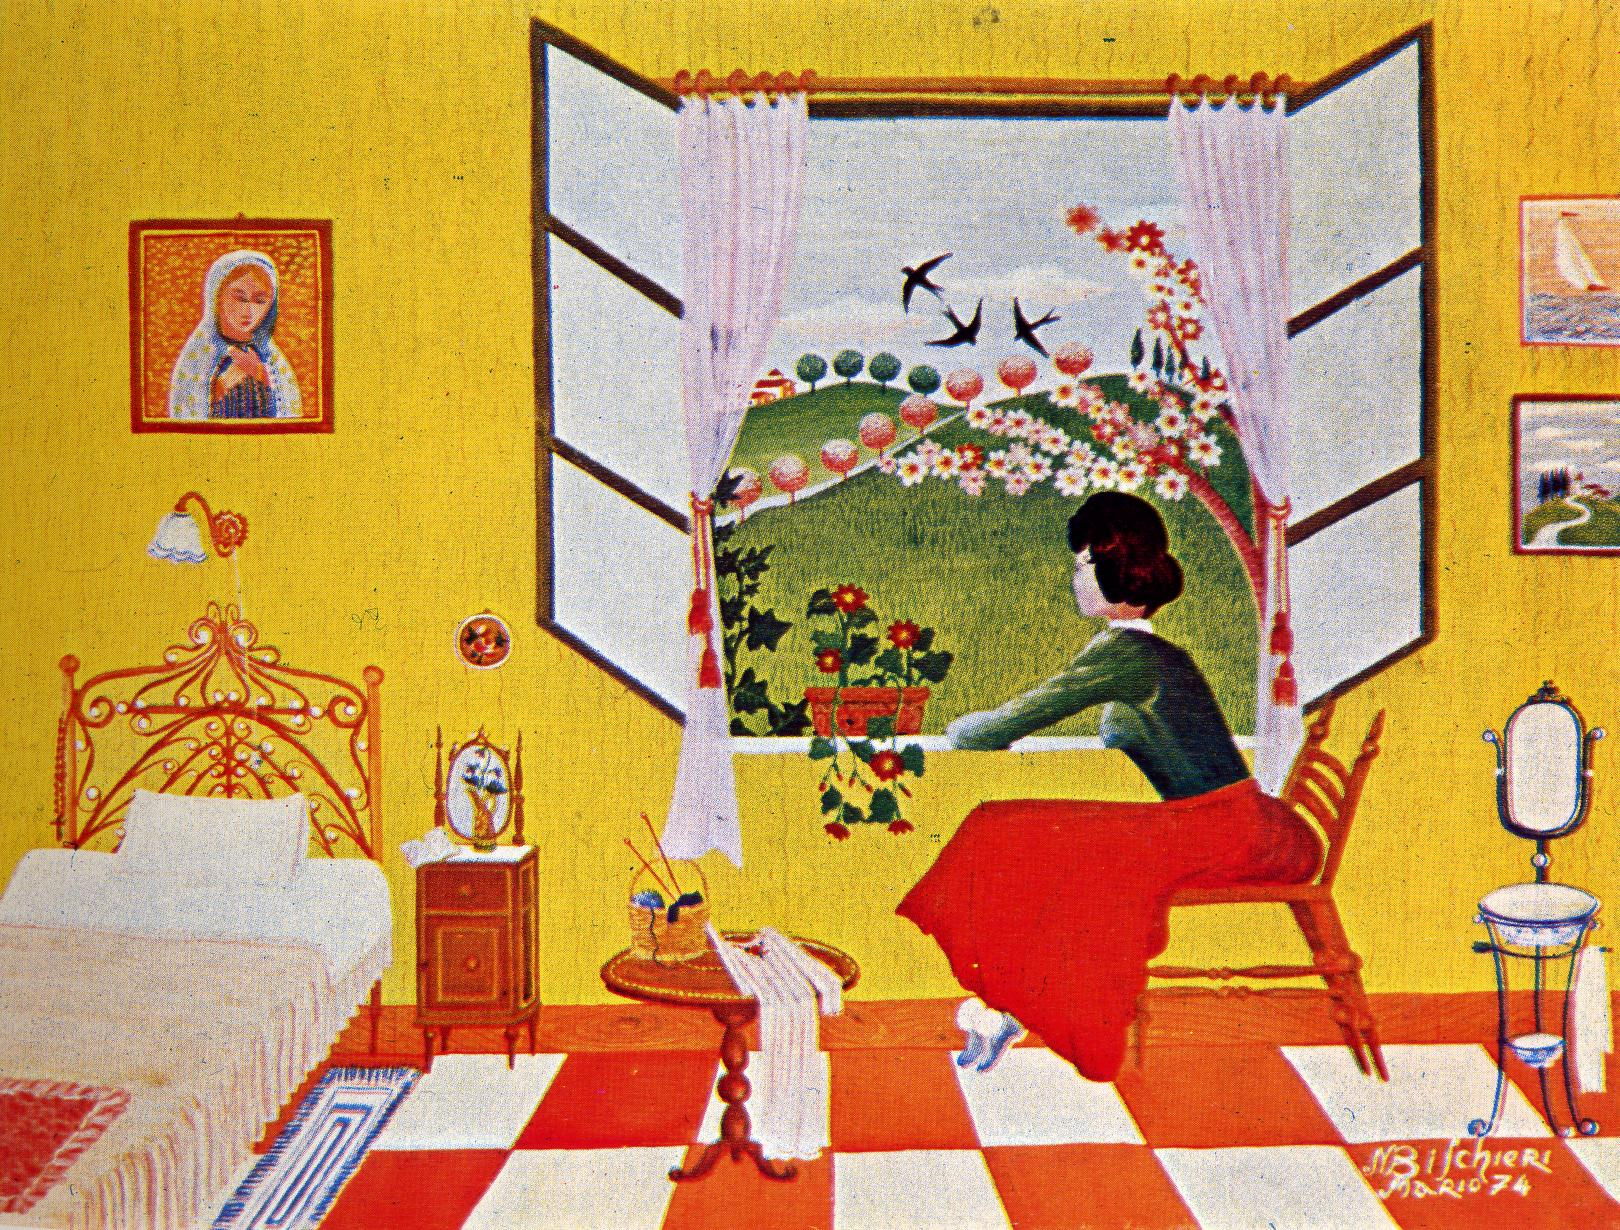 Cento e passa pittori naif 03 miglieruolo - Ragazza alla finestra ...